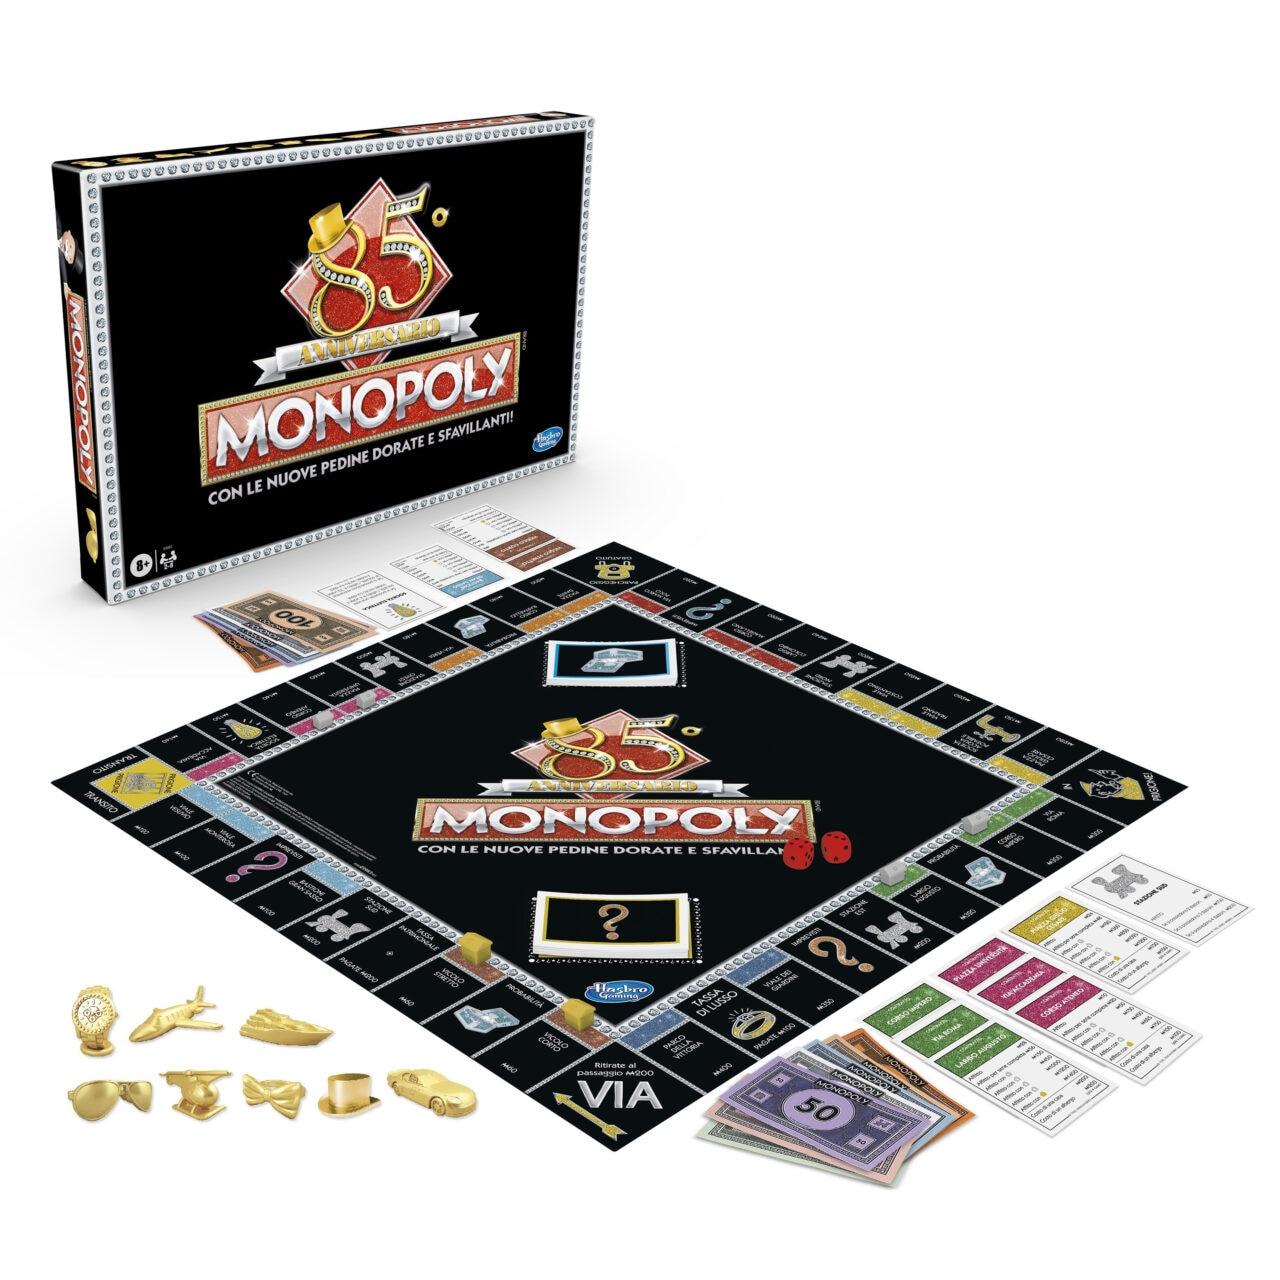 Buon 85° compleanno, Monopoly! Ecco due nuovi versioni del famoso gioco da tavola (foto)